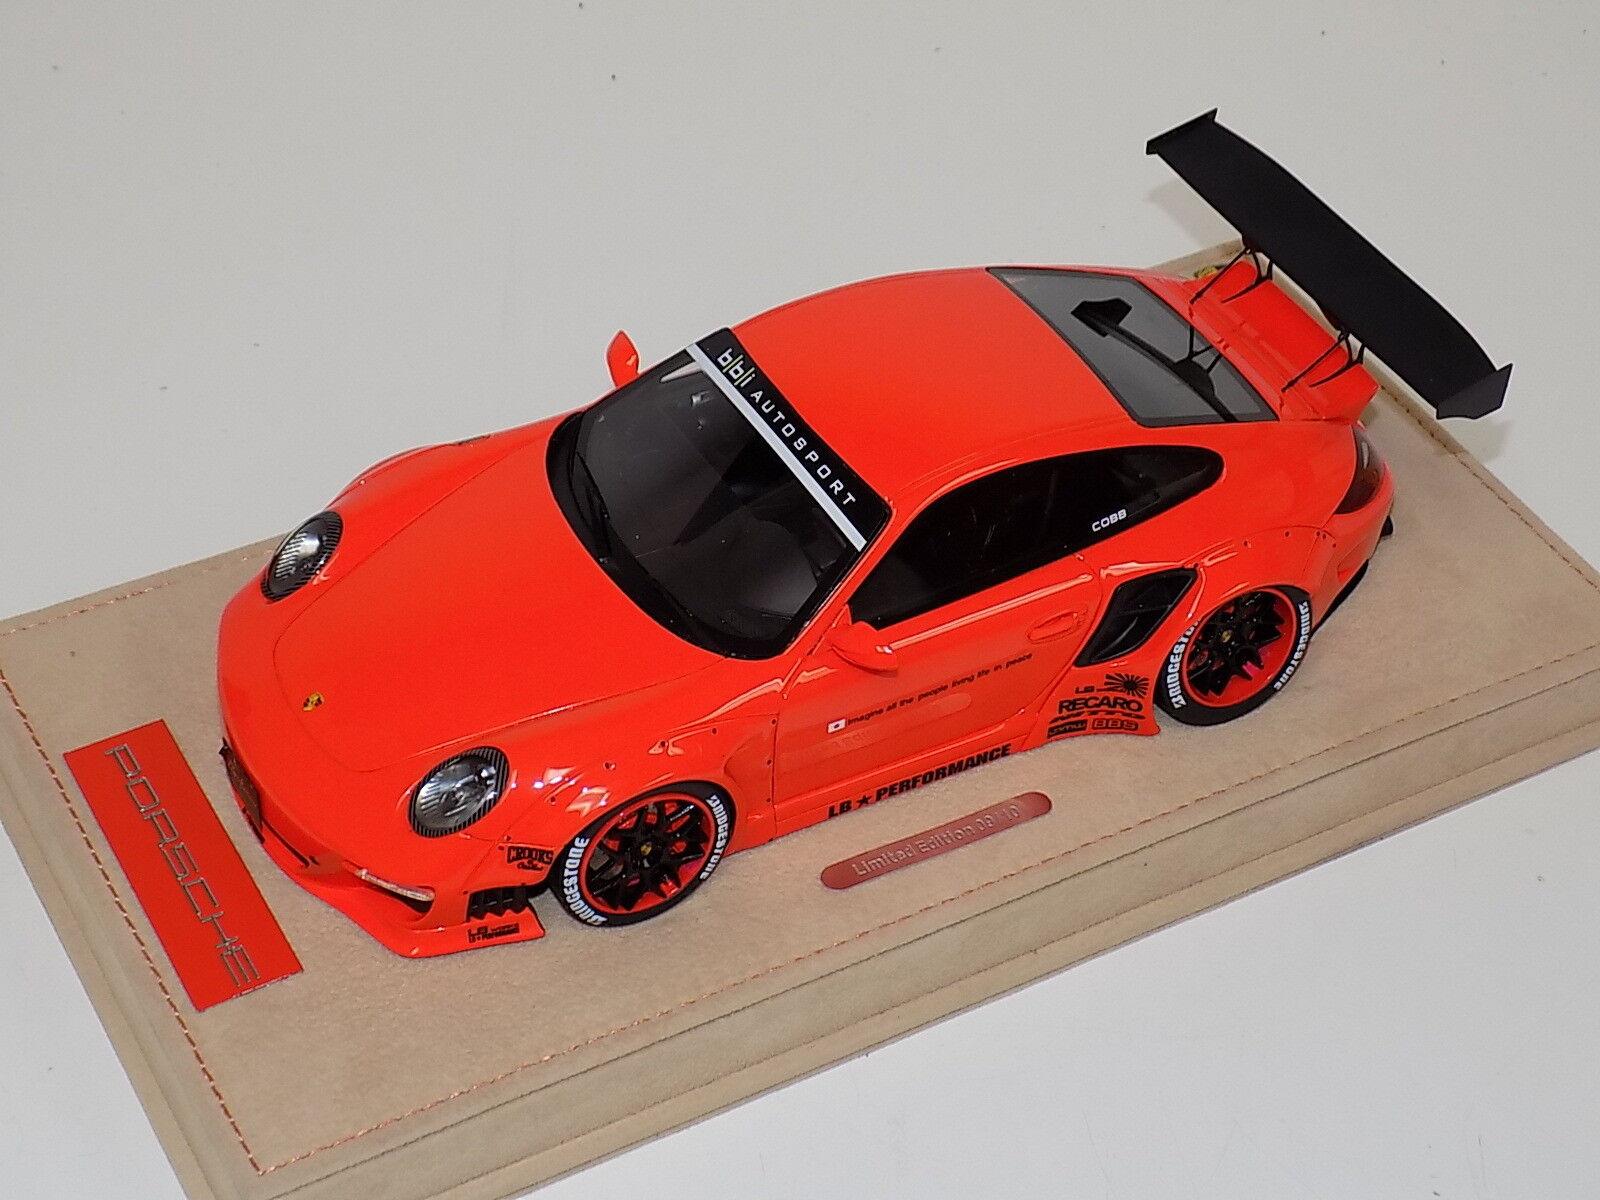 en linea 1 18 ab modelos modelos modelos Porsche 911 Liberty Walk lb calcomanías de naranja brillo de rendimiento 03D  Las ventas en línea ahorran un 70%.